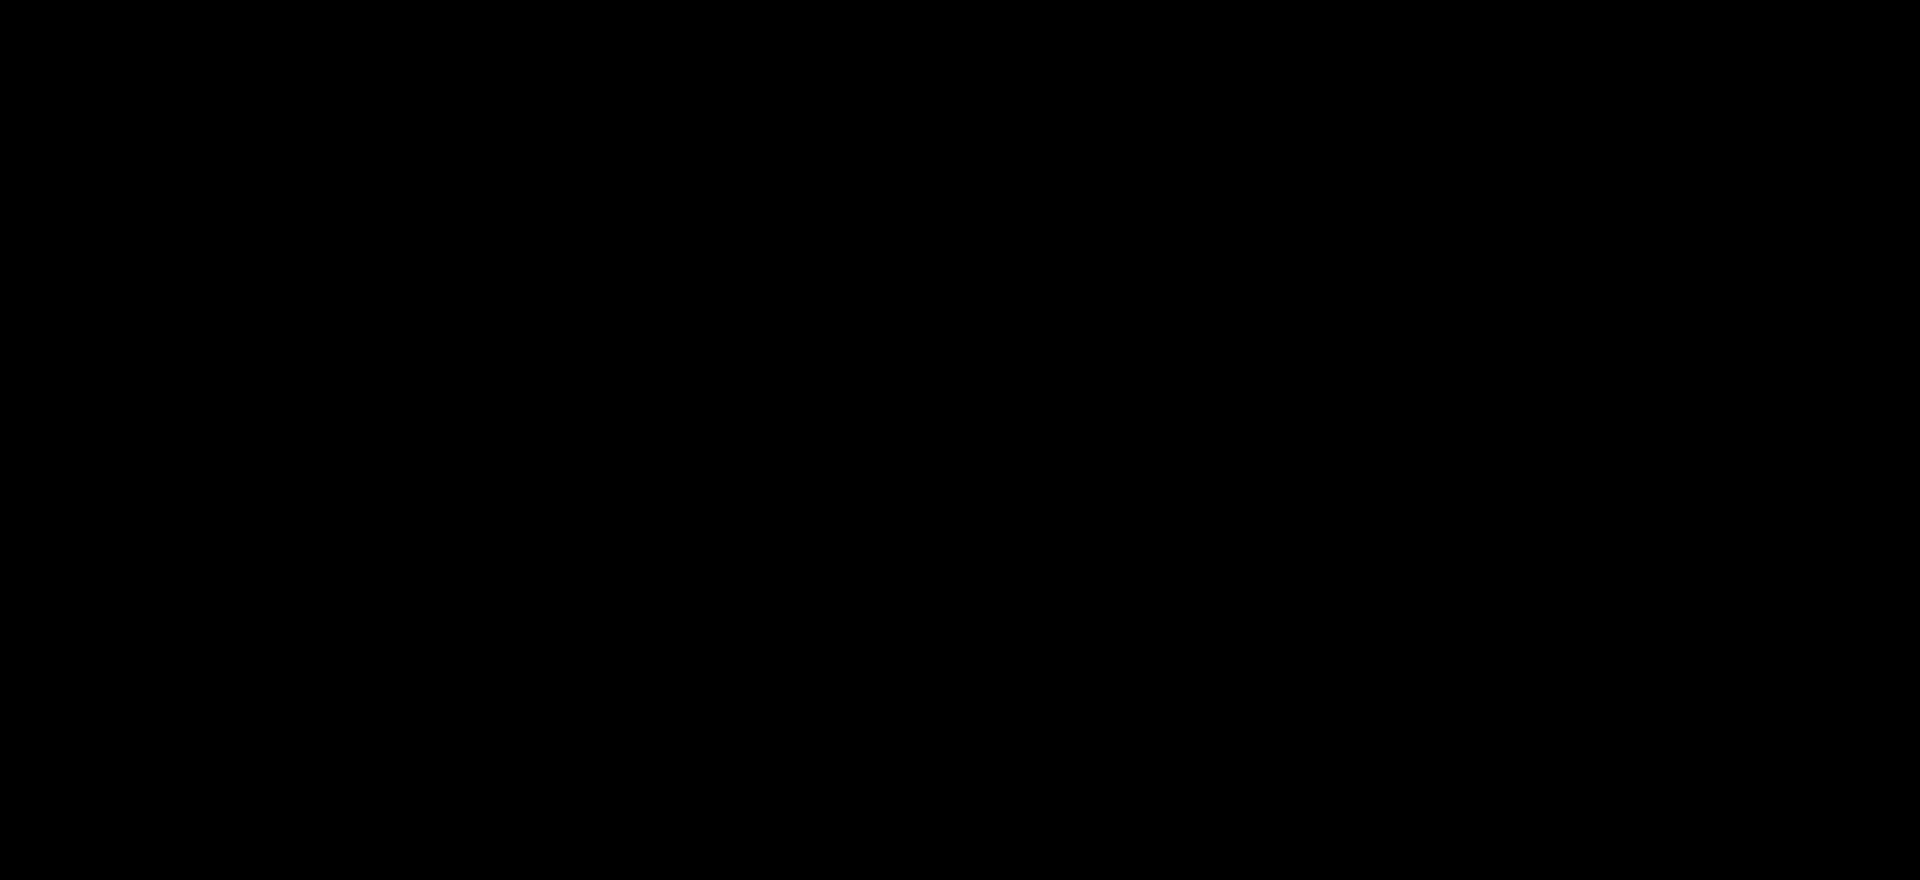 DMAV-logo-social-art-ensamble